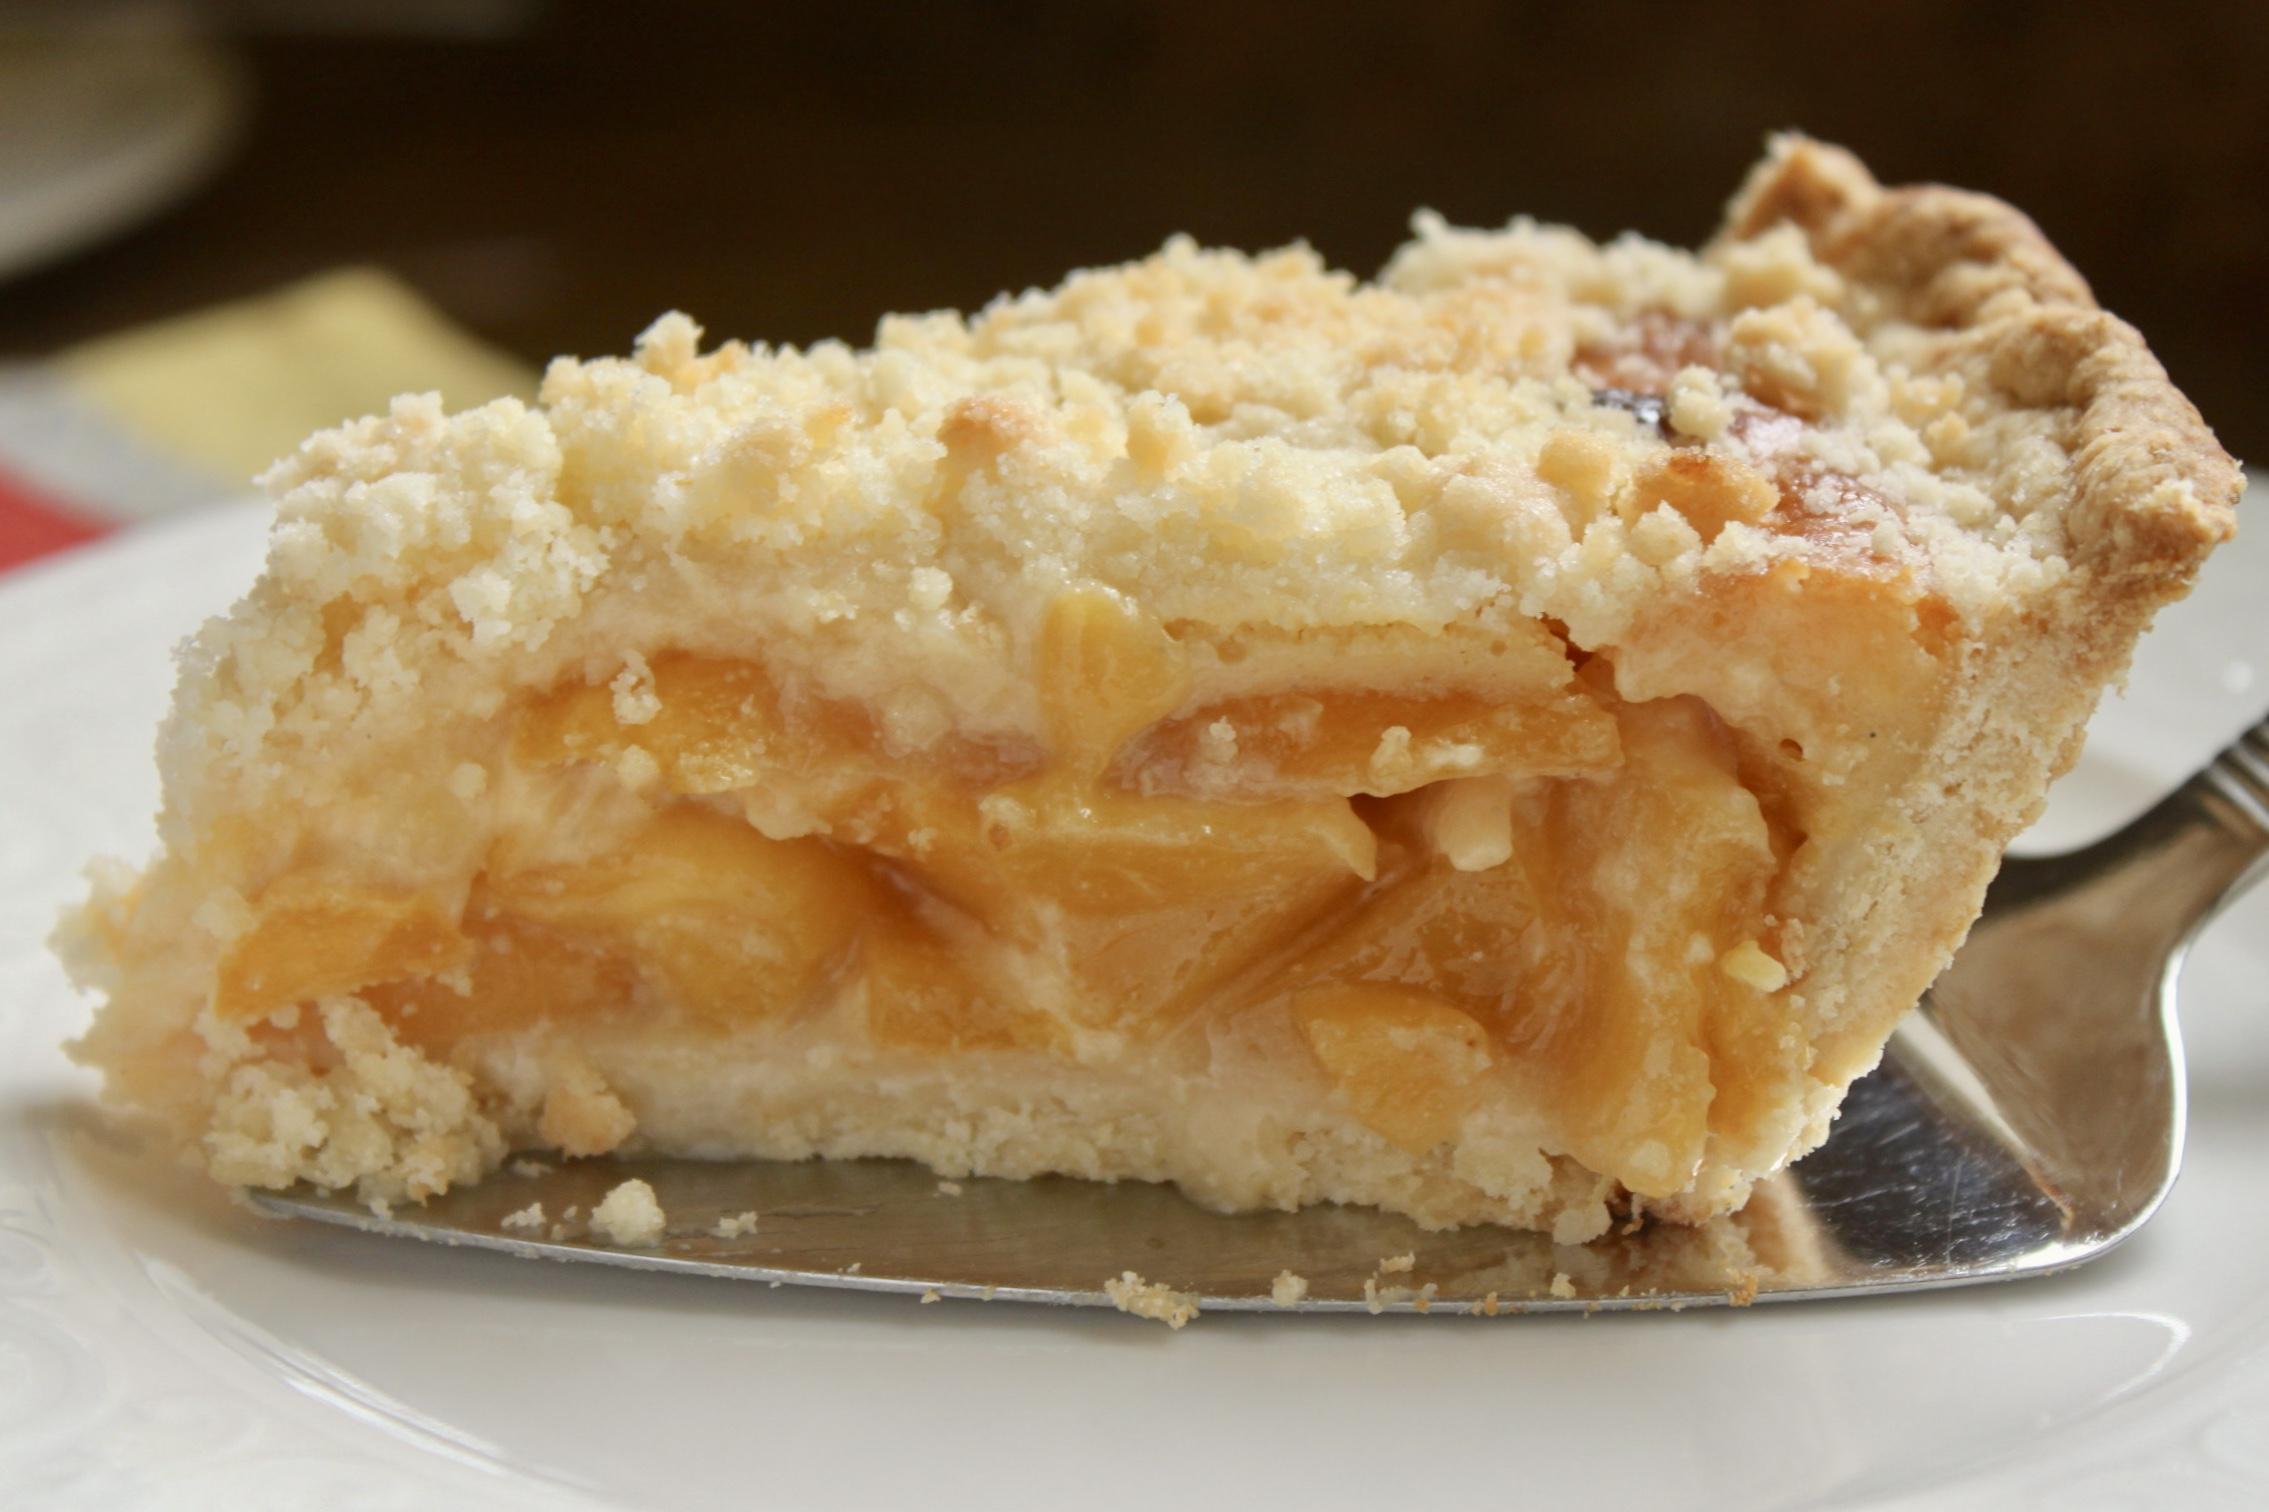 Slice of pie on server